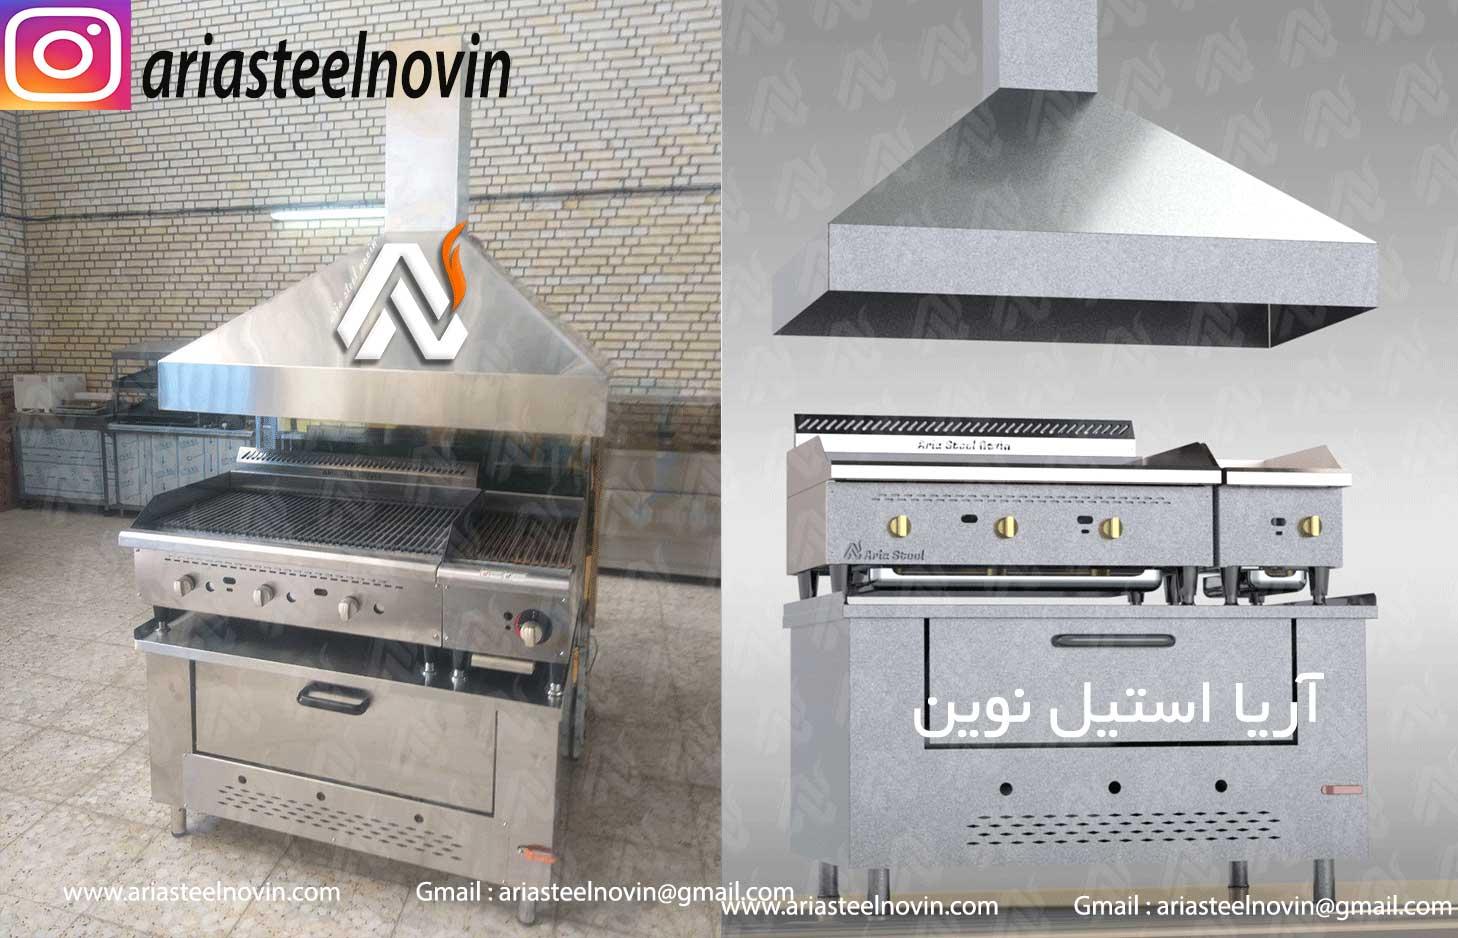 فر-صندوقی-پیتزا | تجهیزات آشپزخانه صنعتی | تجهیزات فست فود